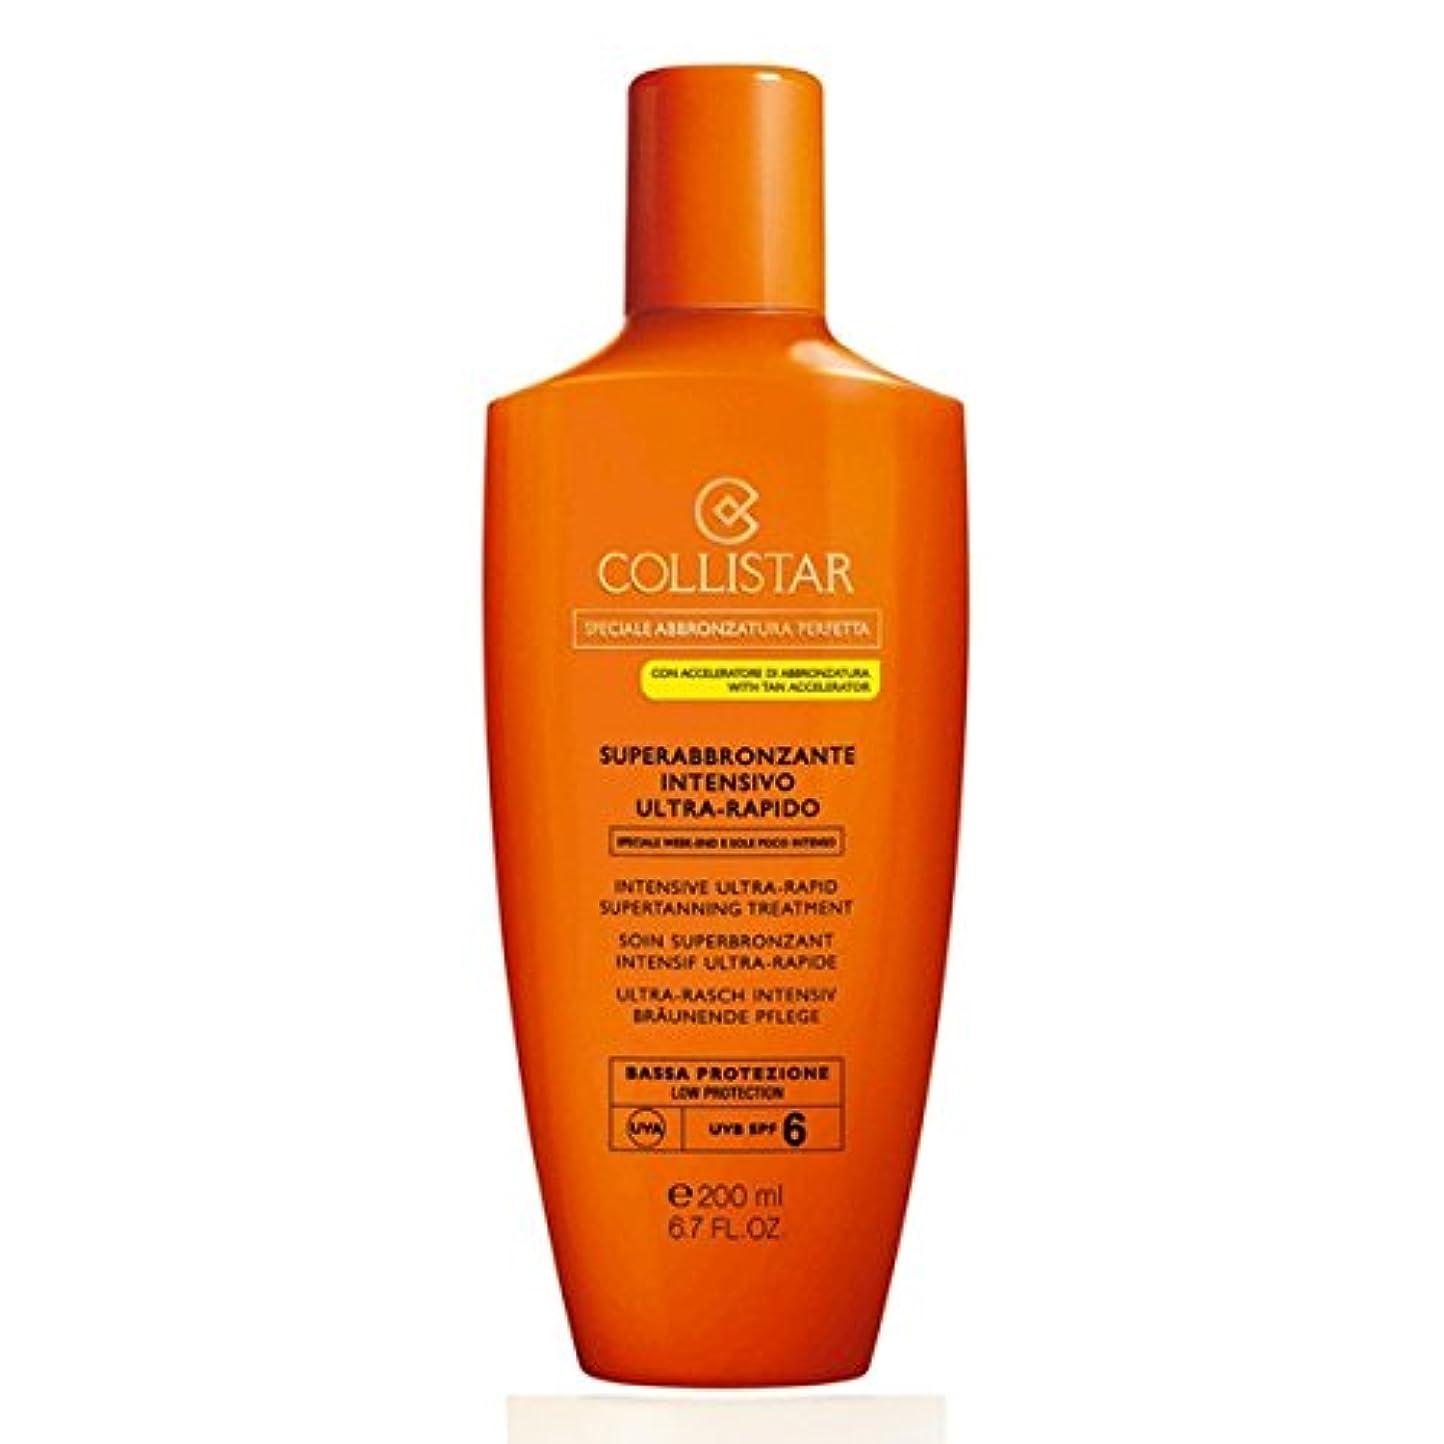 再撮りマイル宣言するCollistar PERFECT TANNING intensive tanning treatment SPF6 200 ml [海外直送品] [並行輸入品]